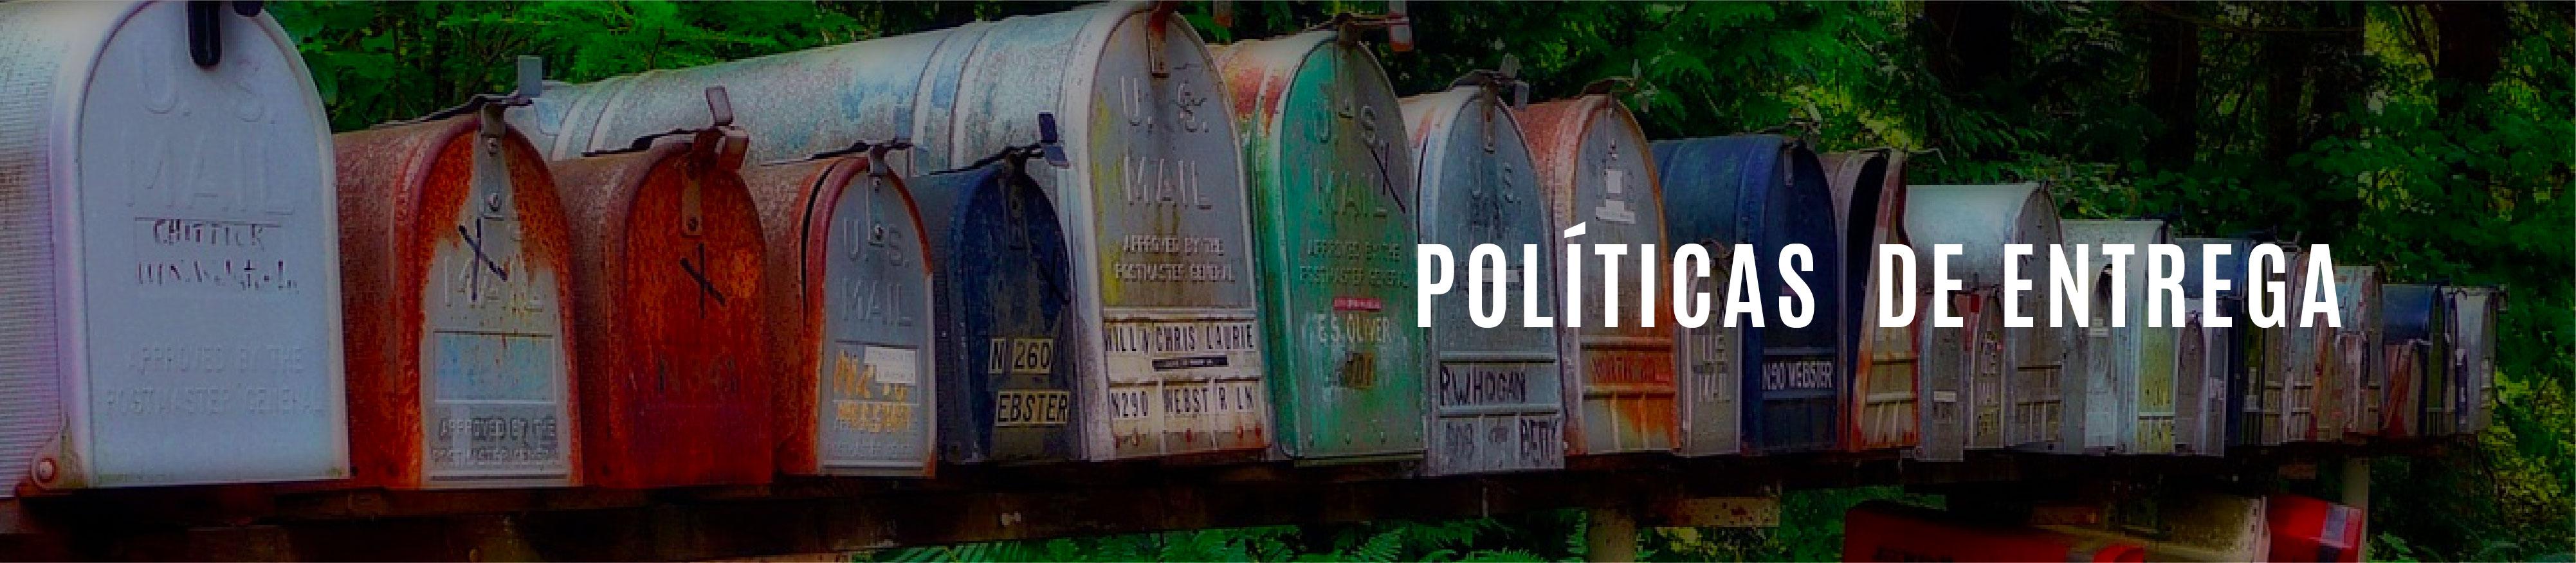 Banner_politica_de_entrega